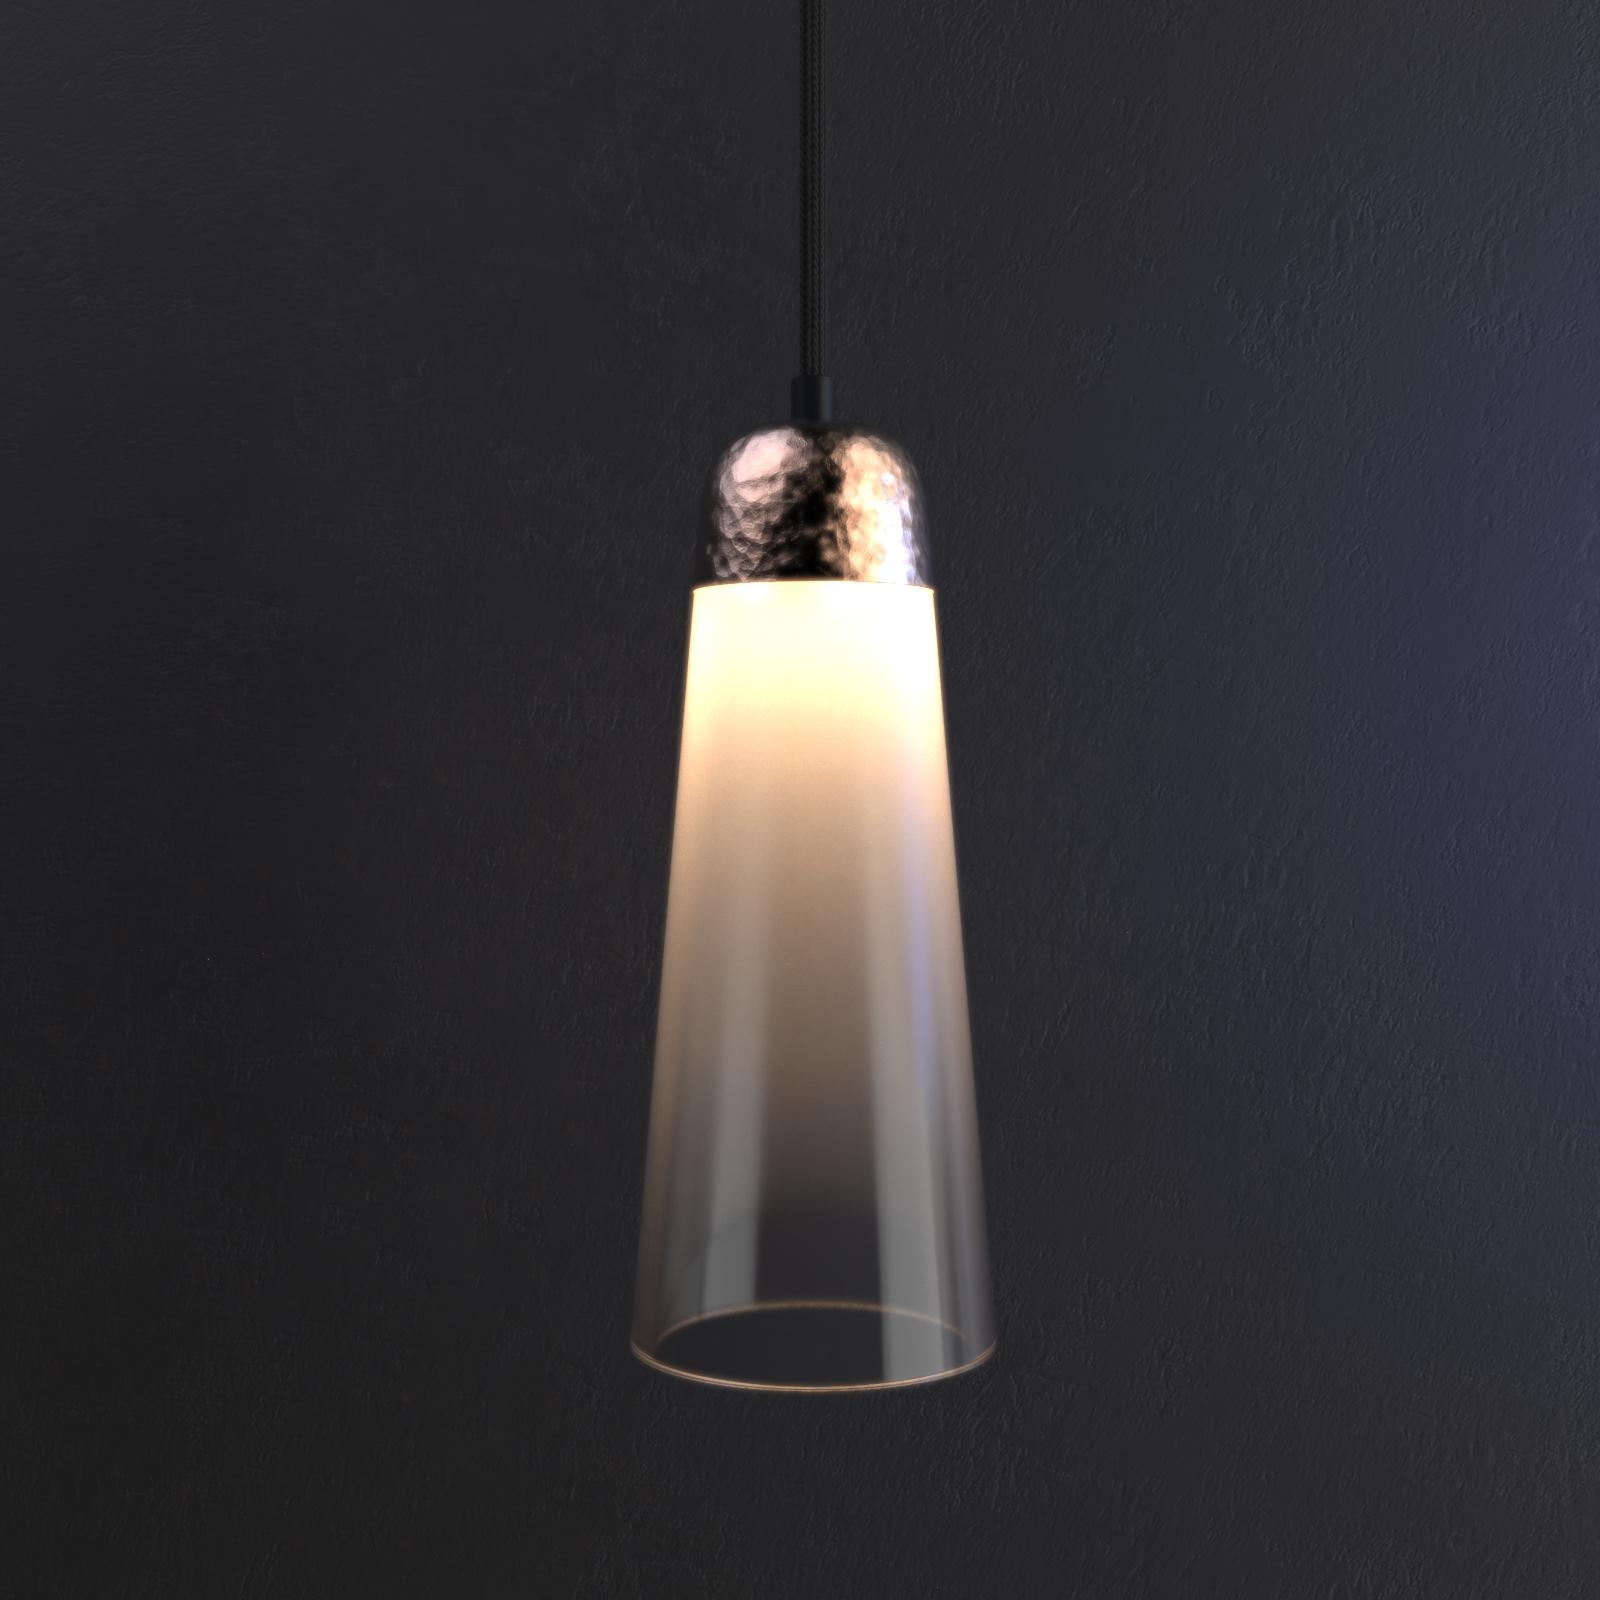 Lamp1-take3.48.jpg